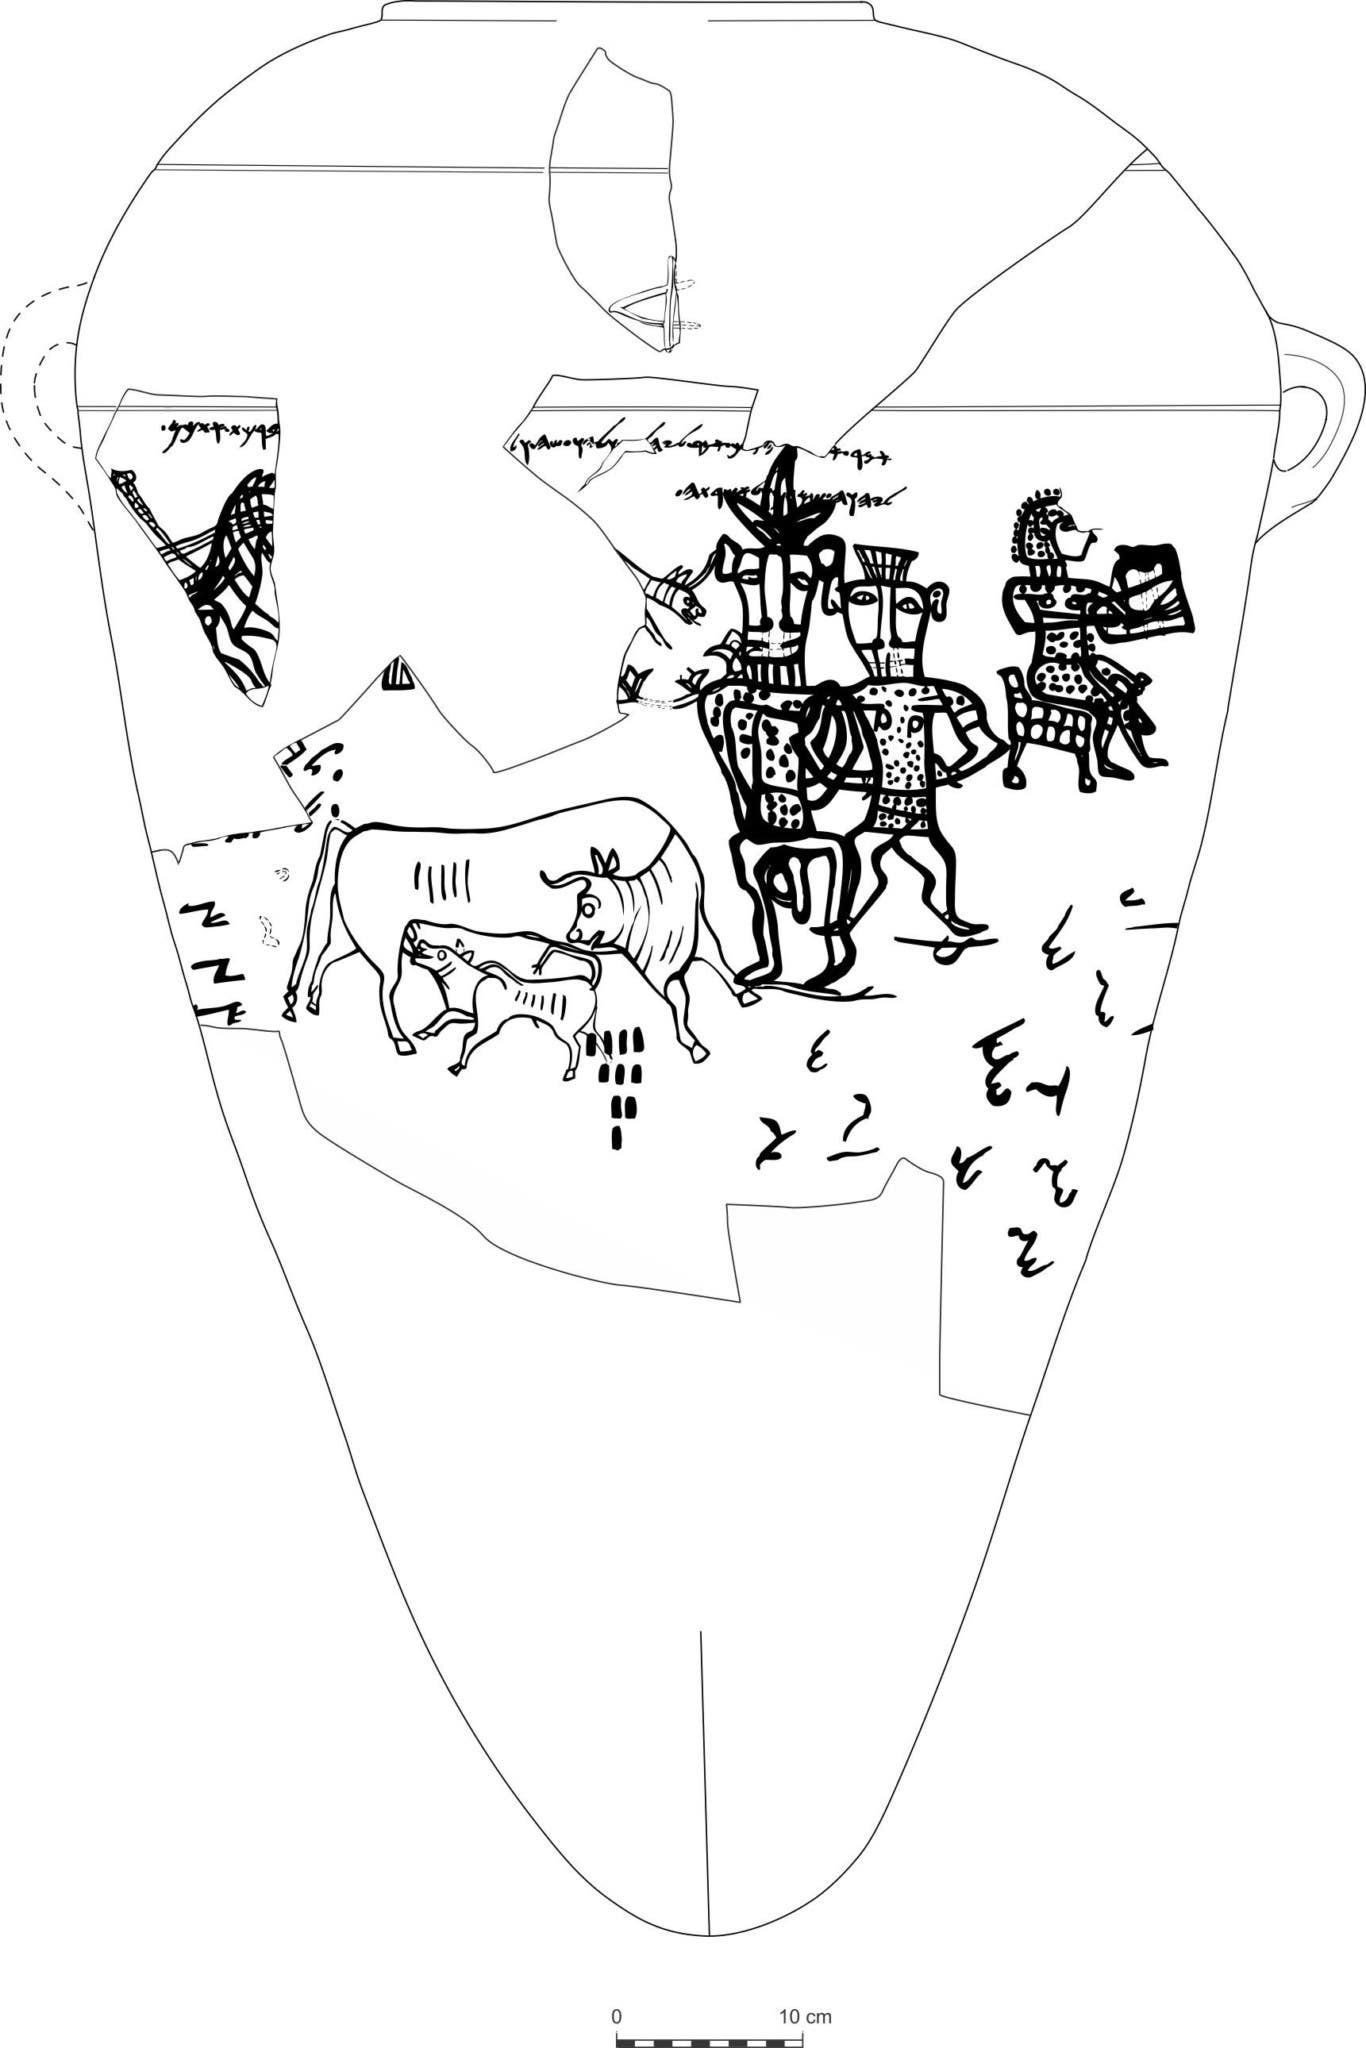 Kuntillet`Ajrud Inscription